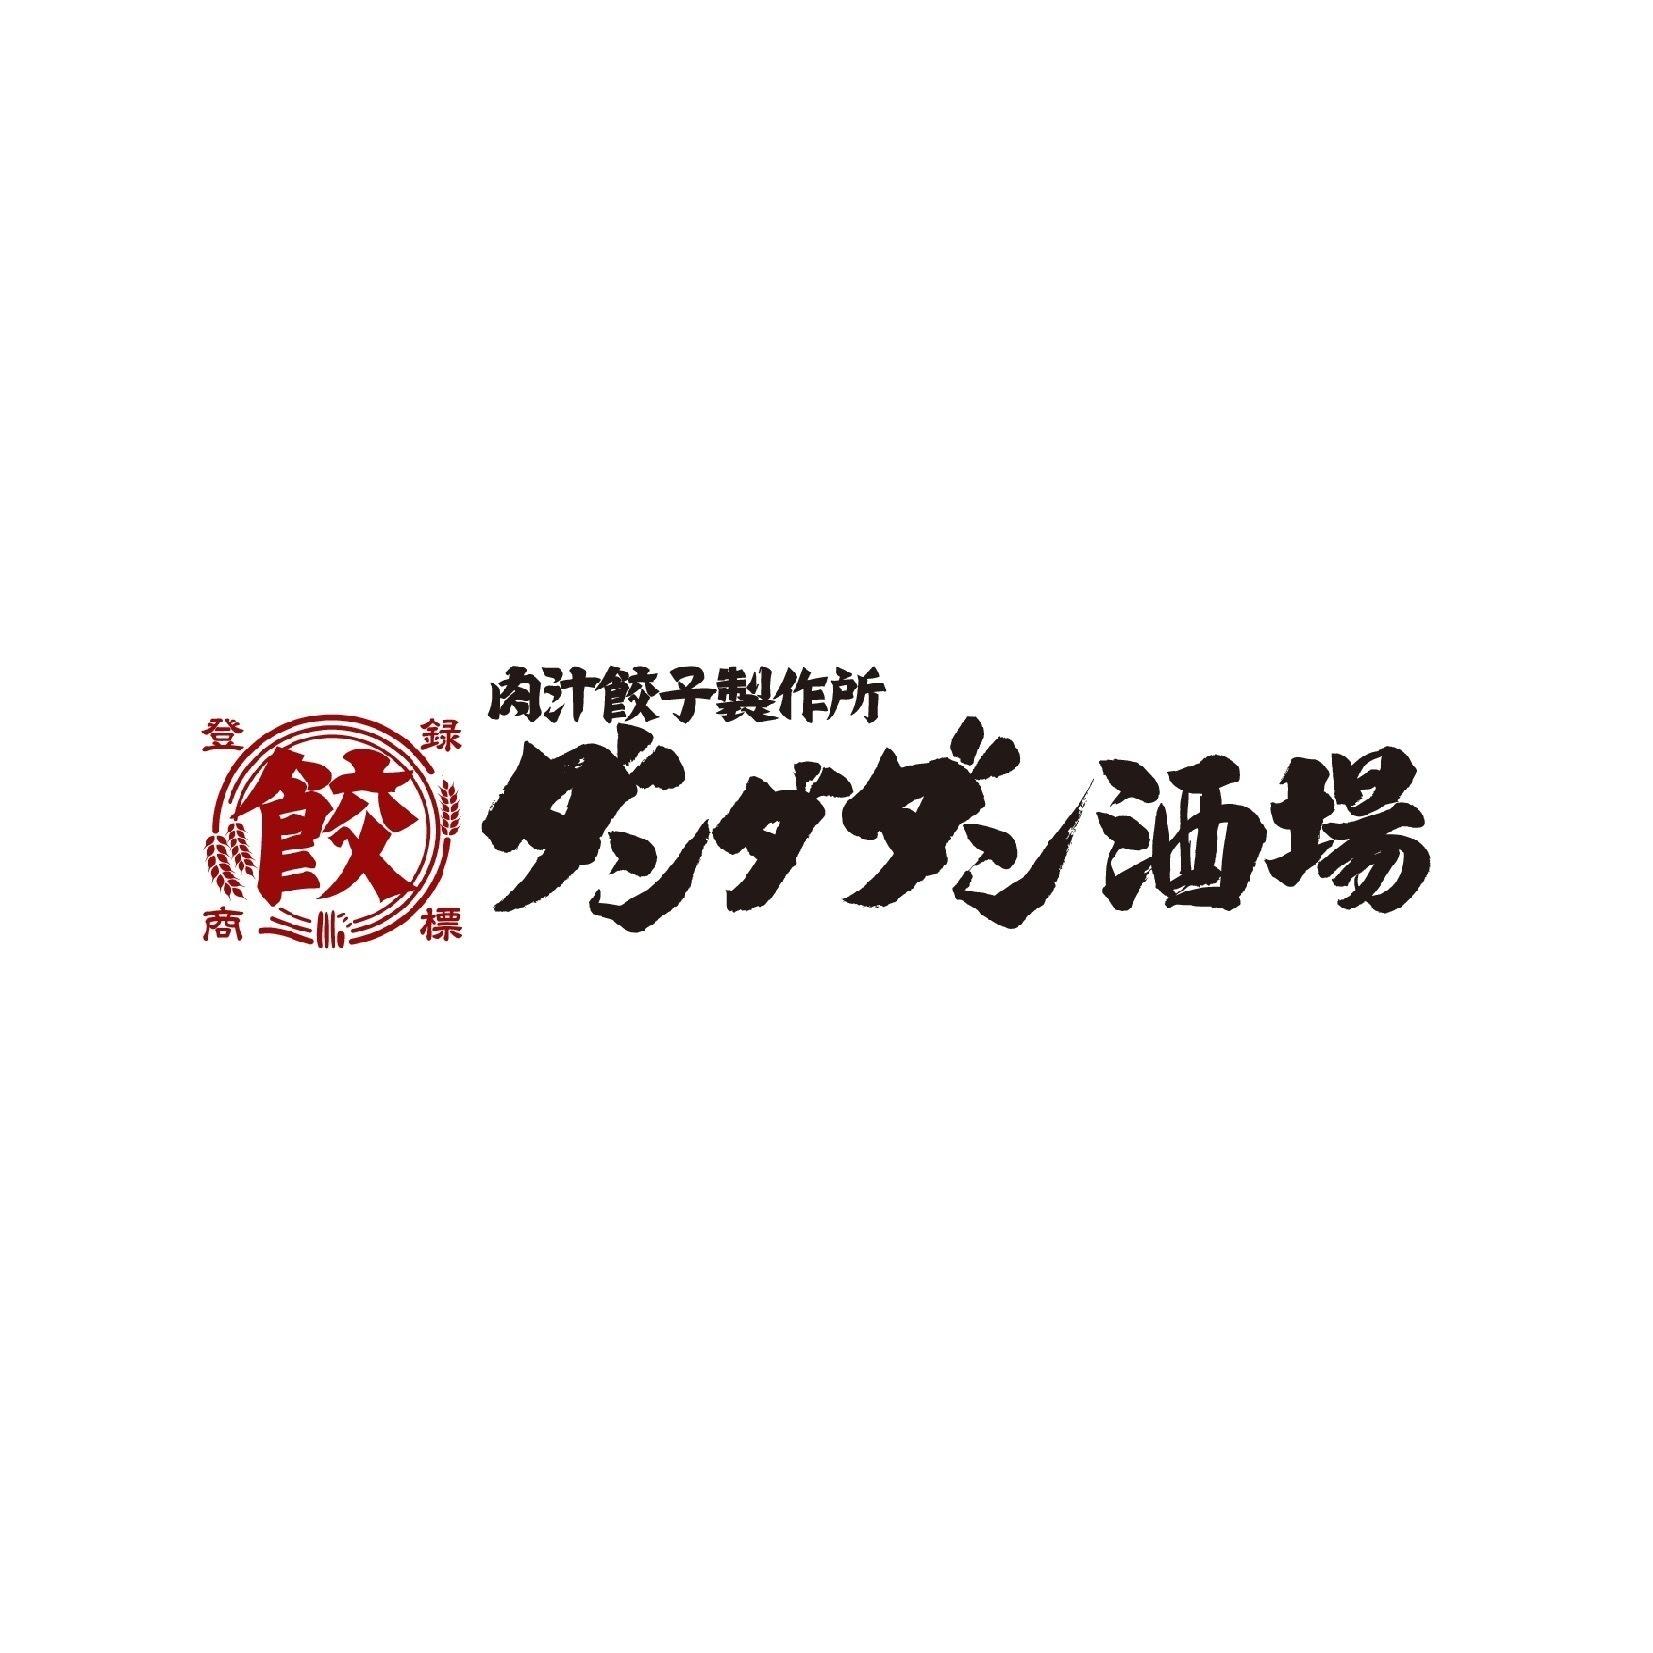 ダンダダン酒場 西武新宿店